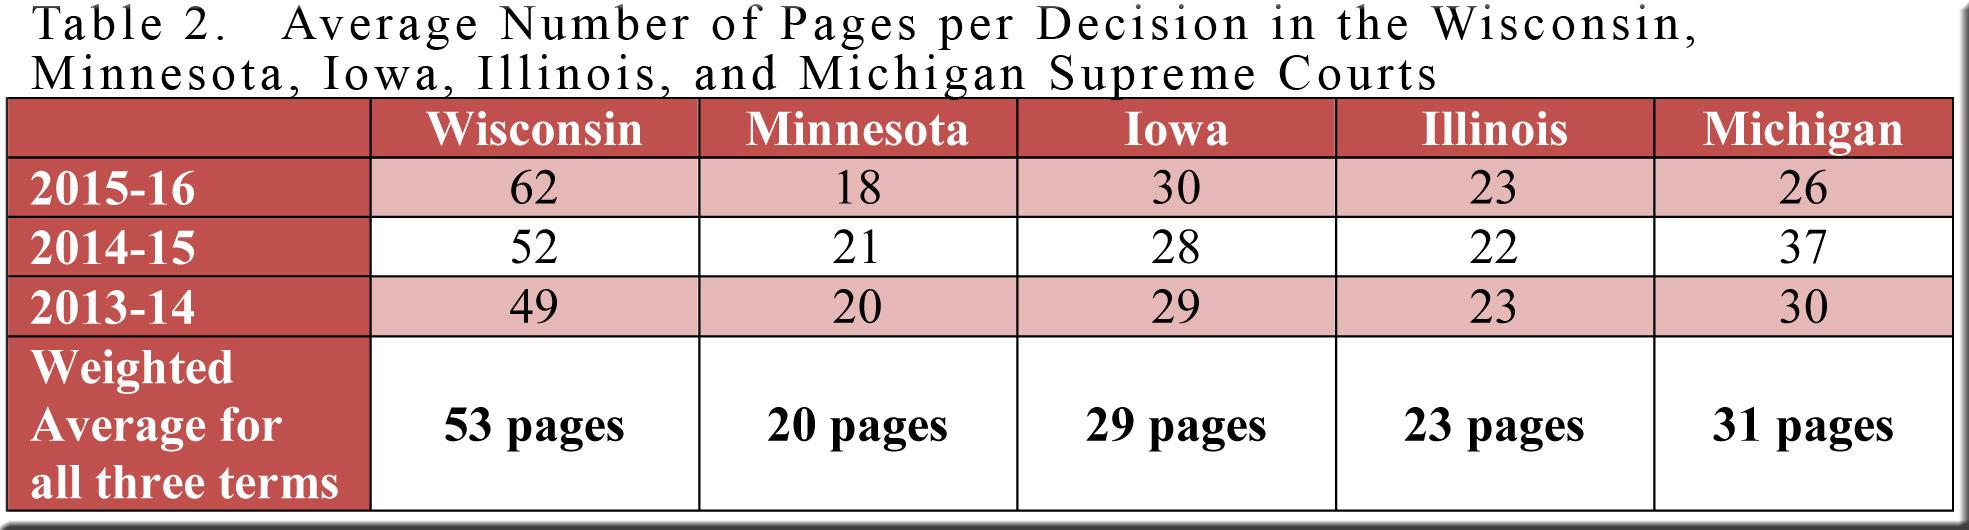 table-2-average-no-of-pages-per-decision-wi-mn-io-il-mi